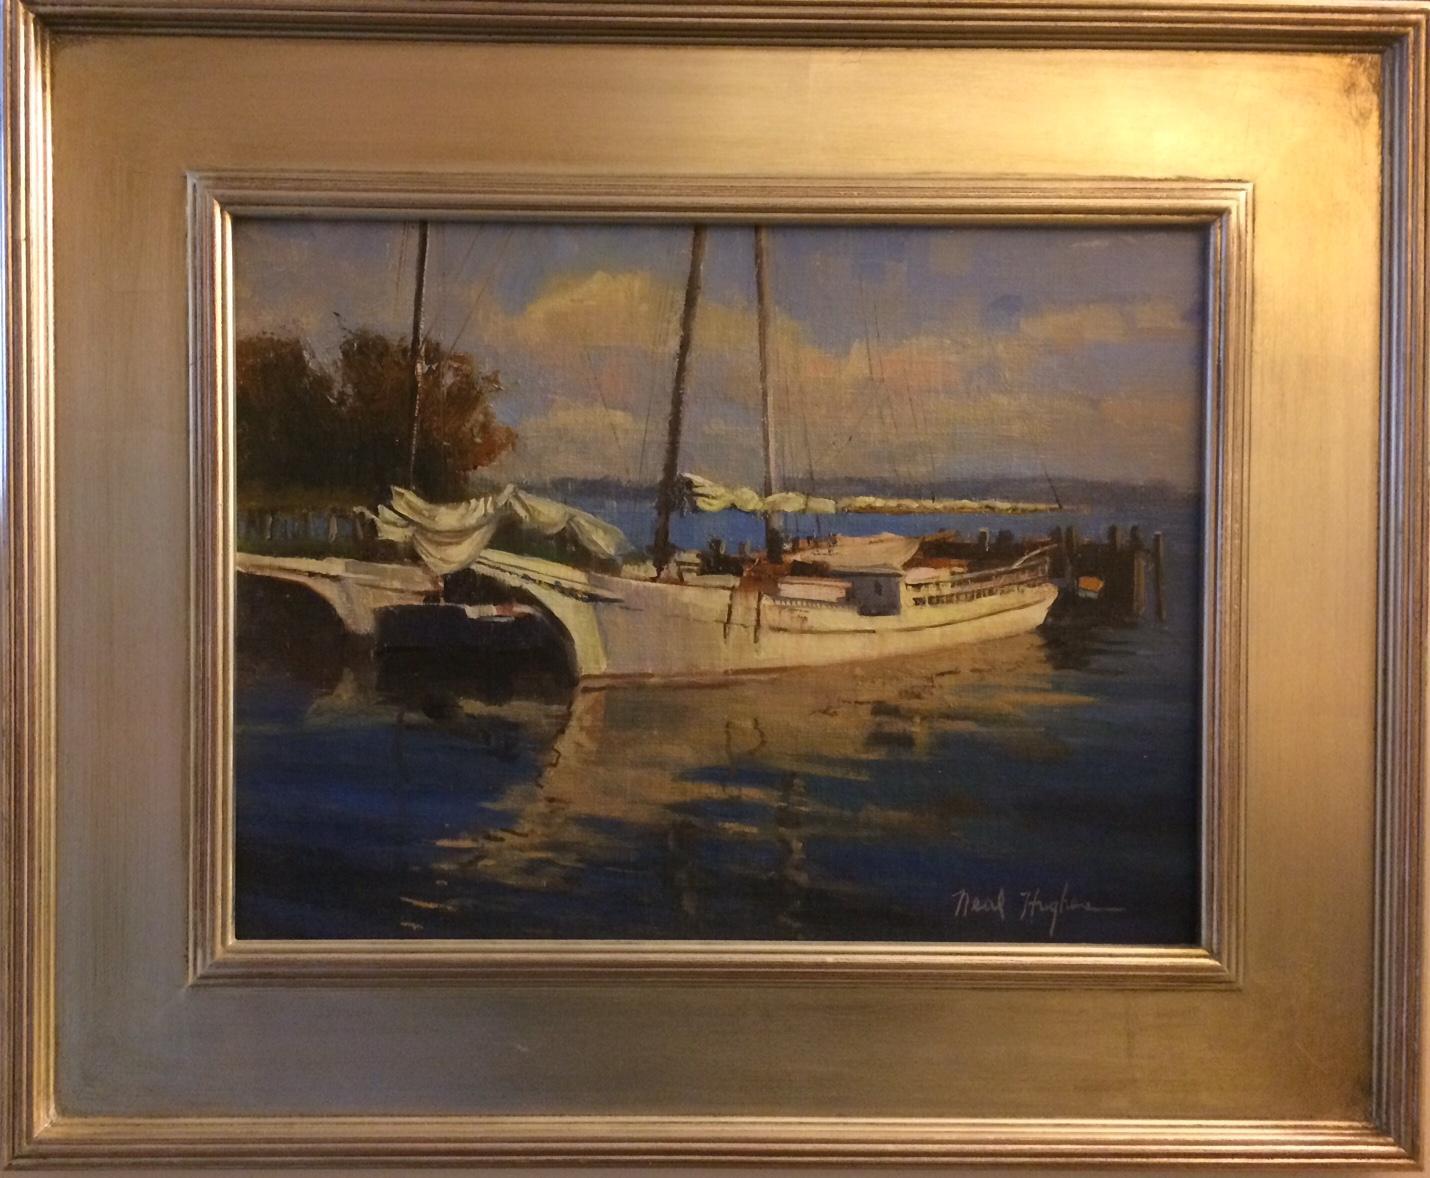 Skipjack Morning, original impressionist marine landscape